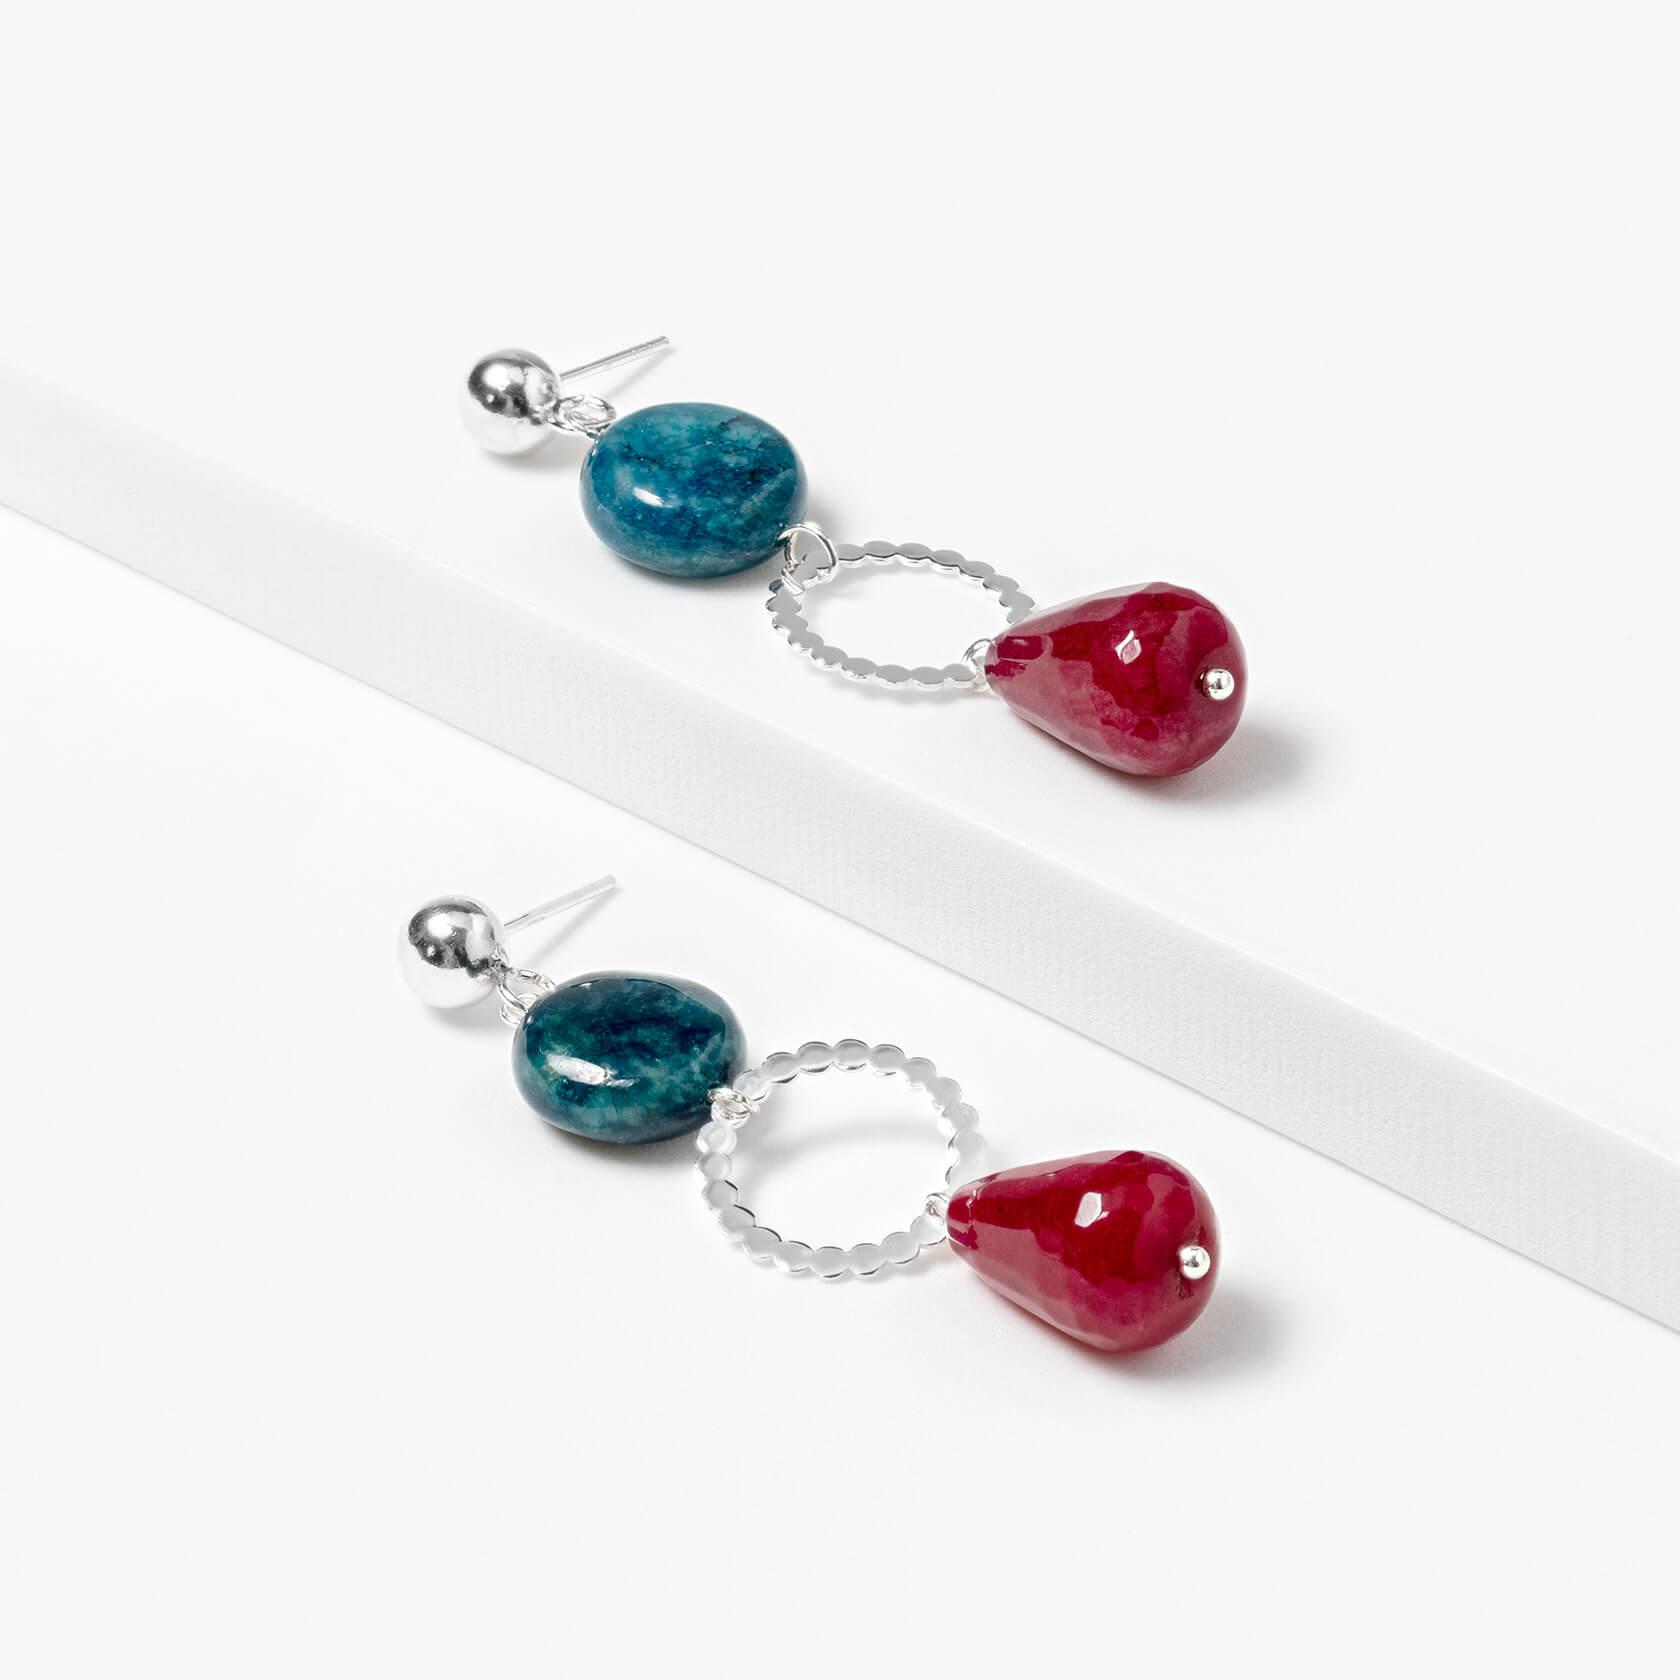 Apatite and agate hoop earrings